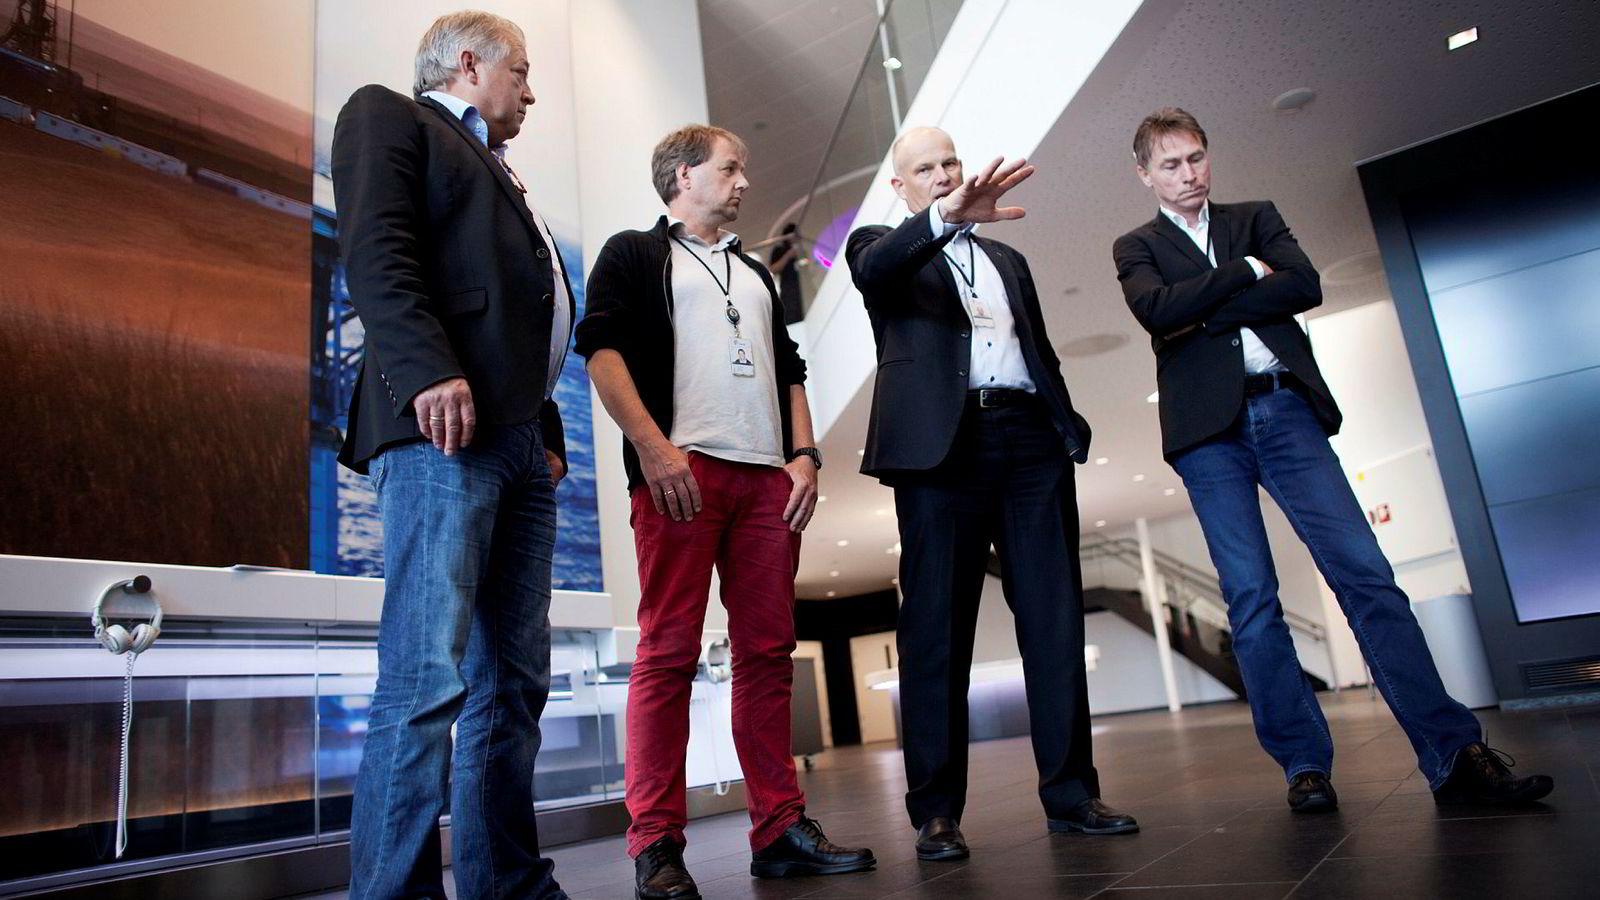 Norsk sokkel-sjef Arne Sigve Nylund (nummer tre fra venstre) har drevet frem både lavere driftsbemanning og ny vedlikeholdsfilosofi. Safe-tillitsvalgt Terje S. Enes, Per Steinar Stamnes fra Industri Energi, og Per Helge Ødegård fra Lederne er uenig i mye.